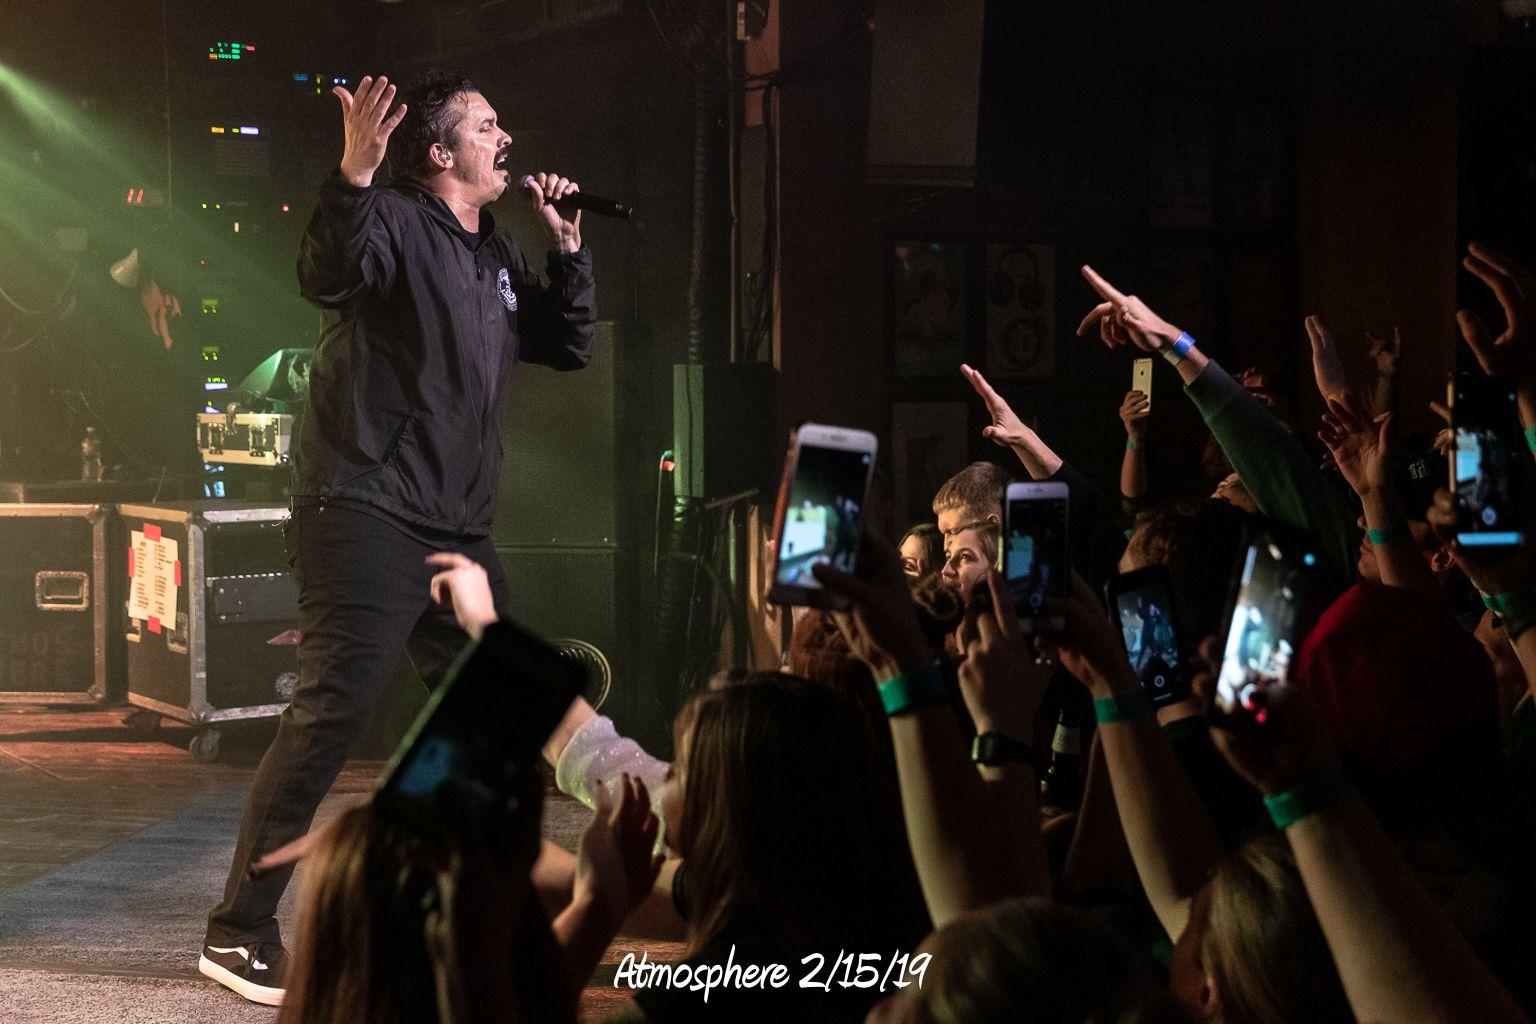 Atmosphere 2/15/19